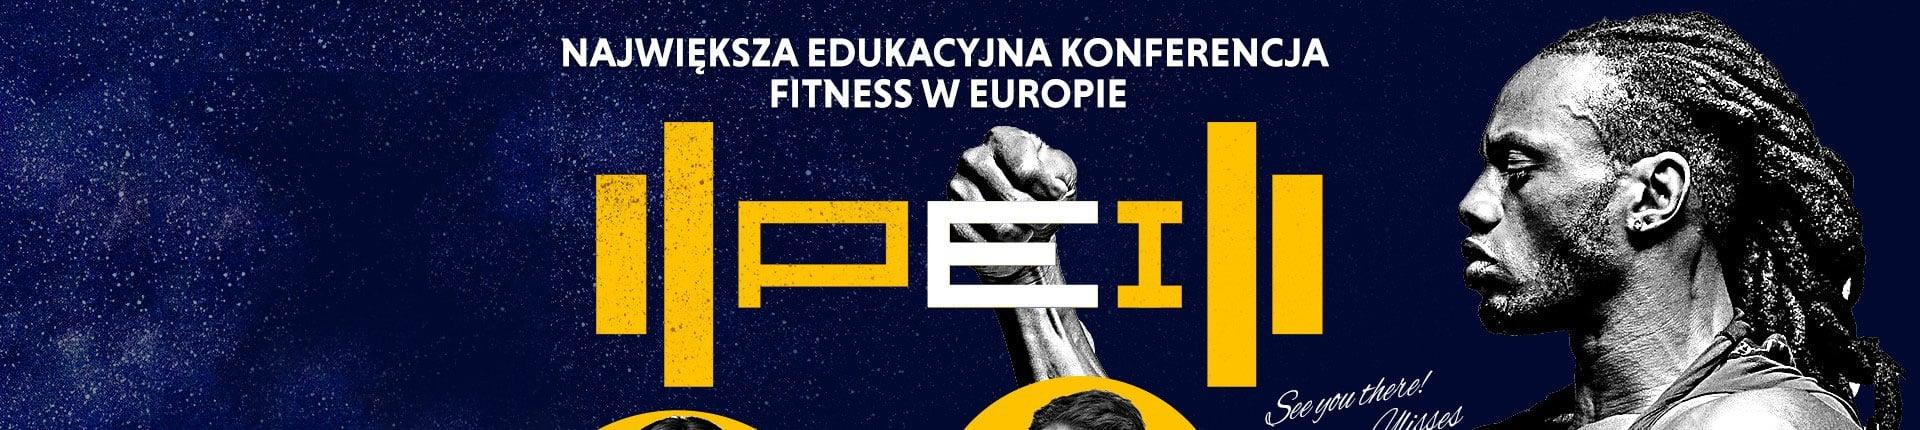 Jak osiągnąć idealną sylwetkę? - Konferencja Fitness PEI